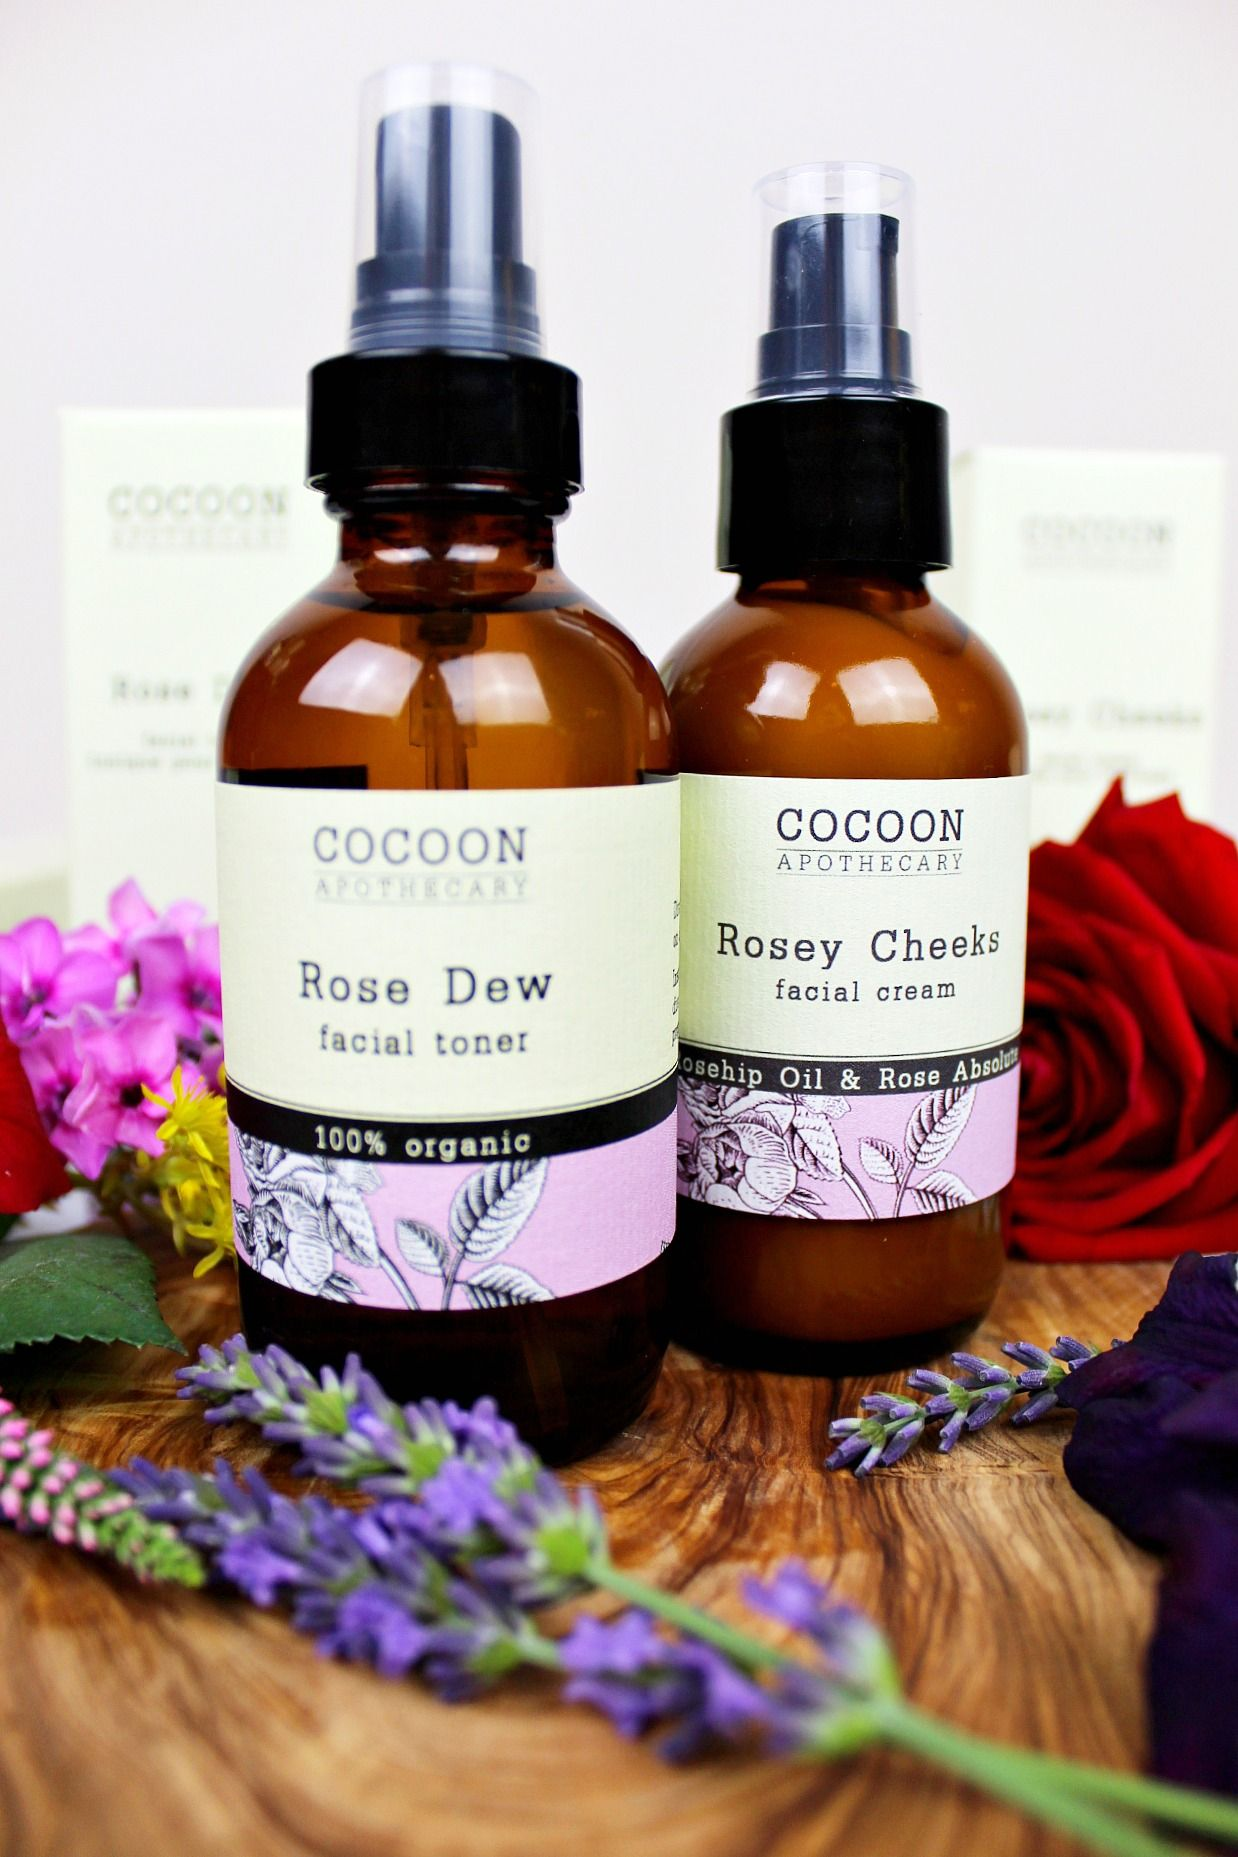 Rosey Cheeks Facial Cream in 2019 Facial cream, Organic